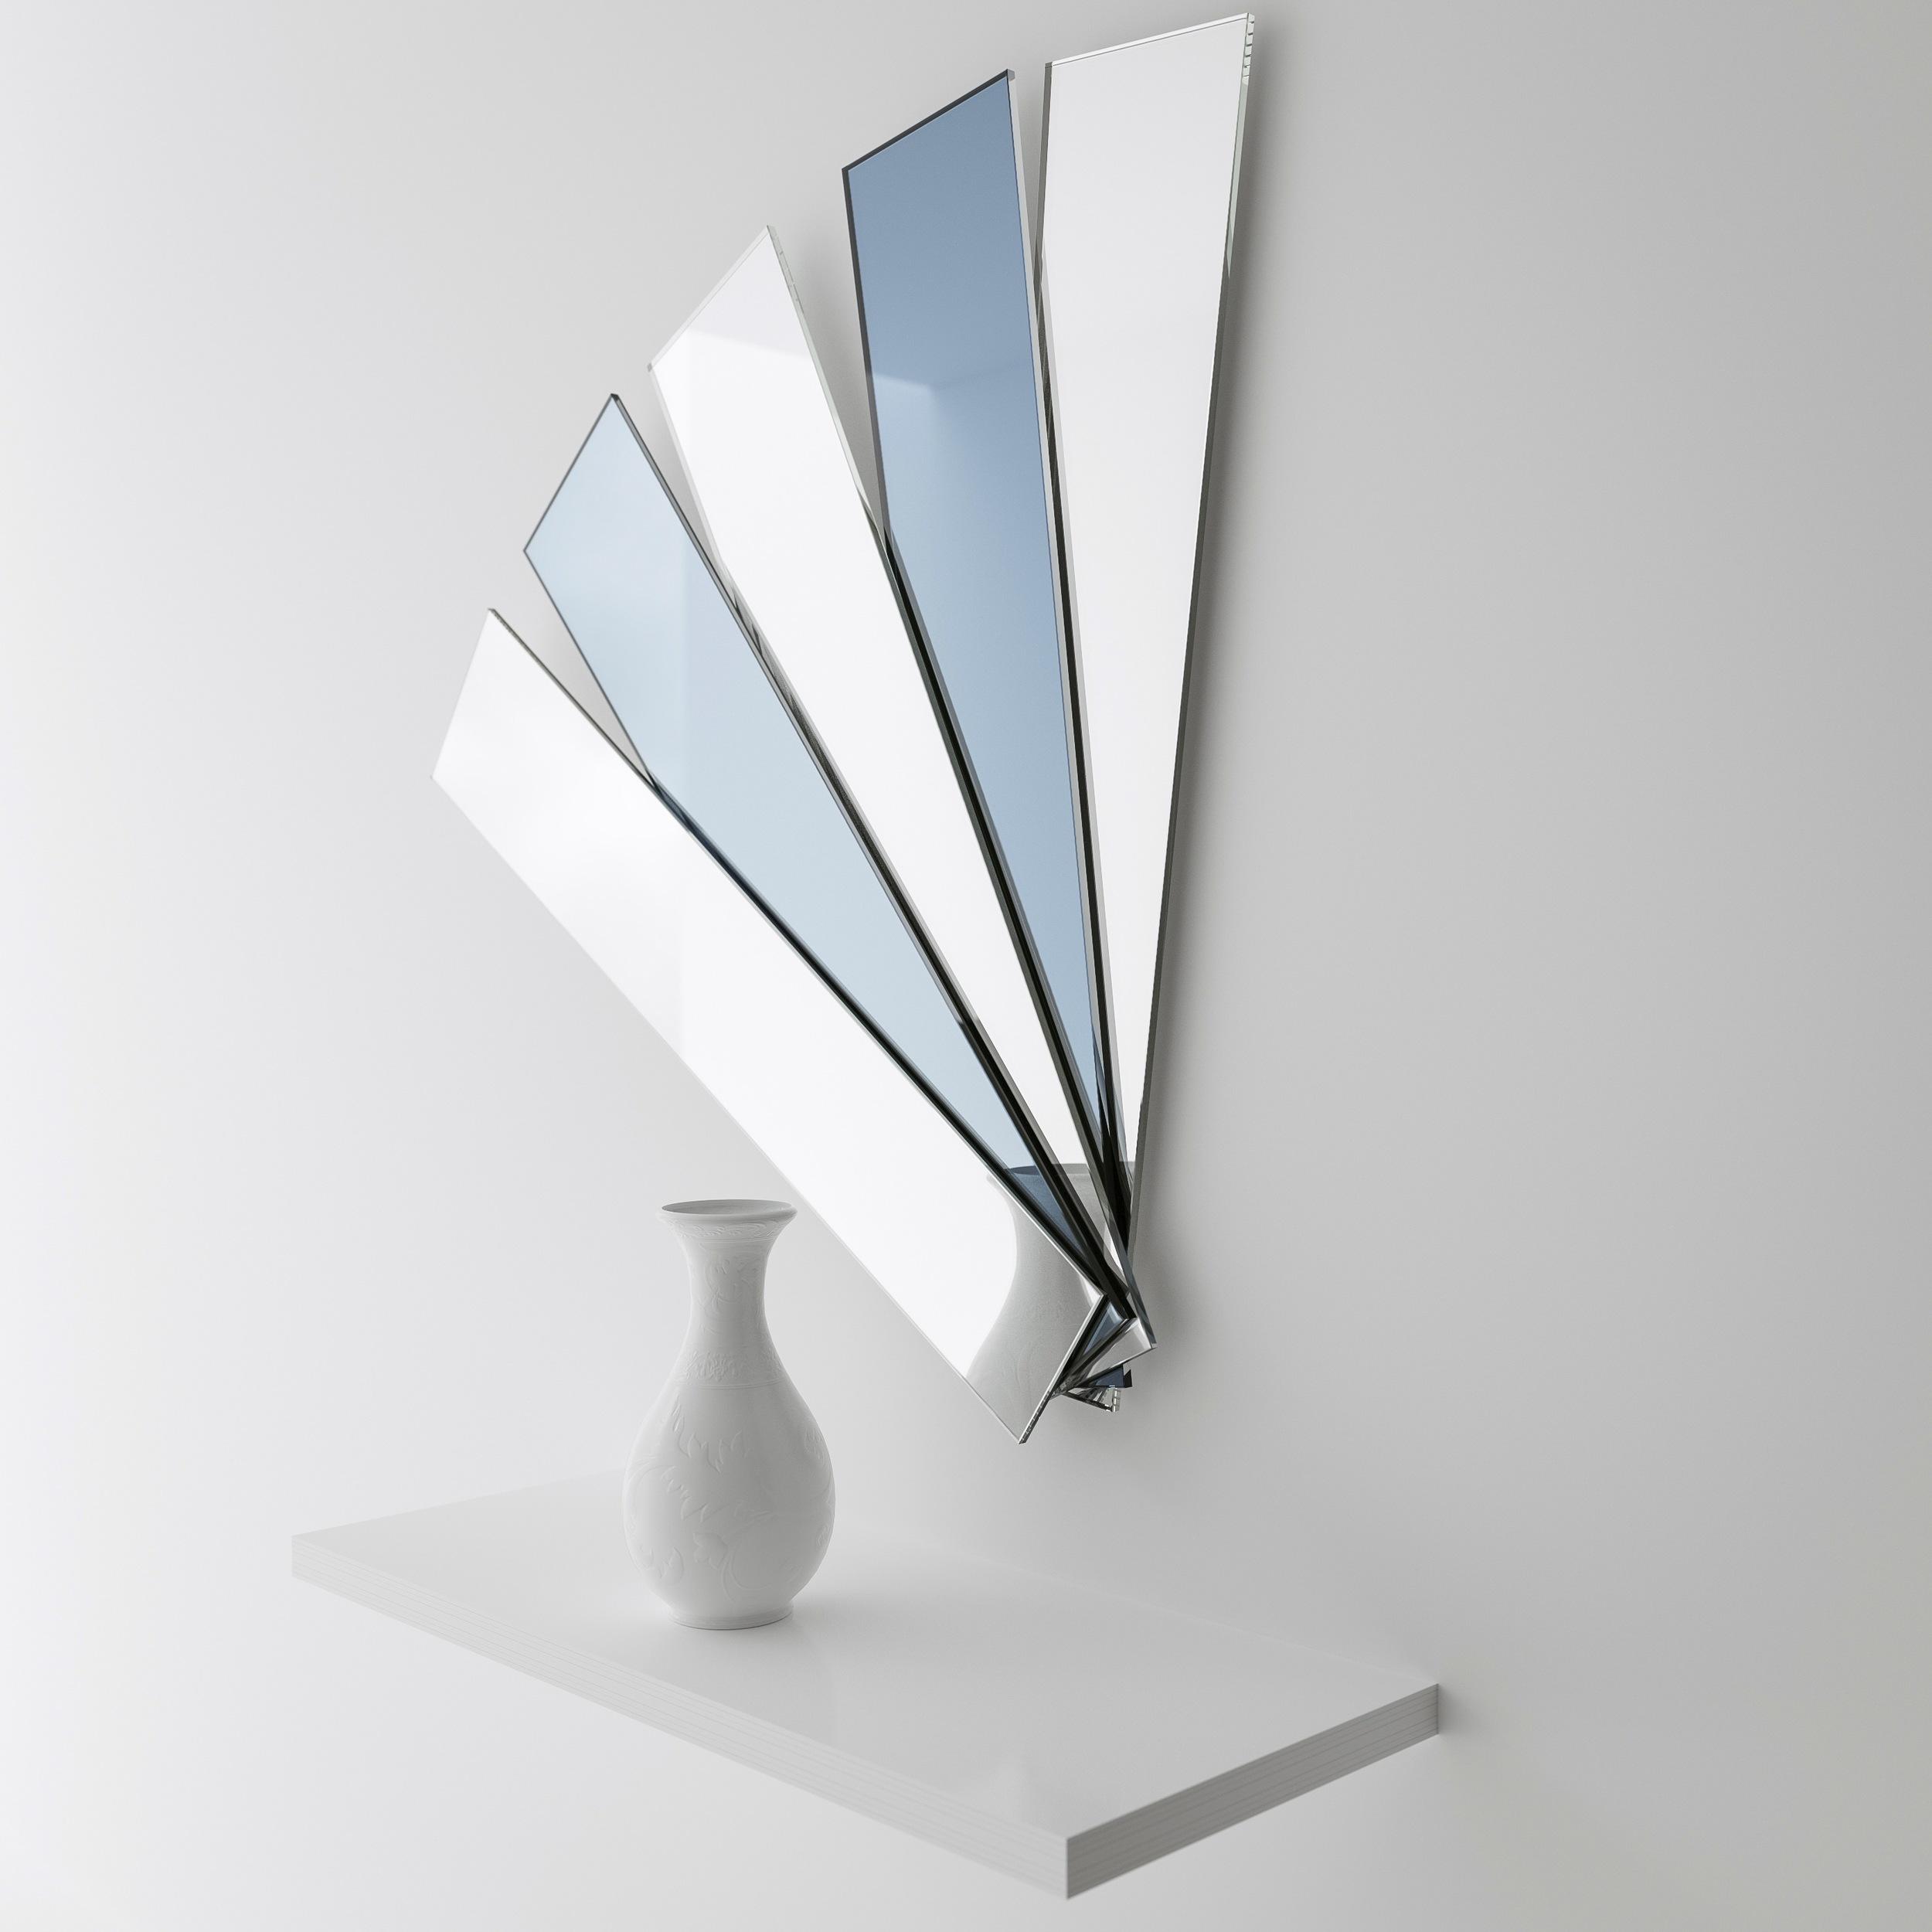 Deco mirror photographed at Color & Mirror studio